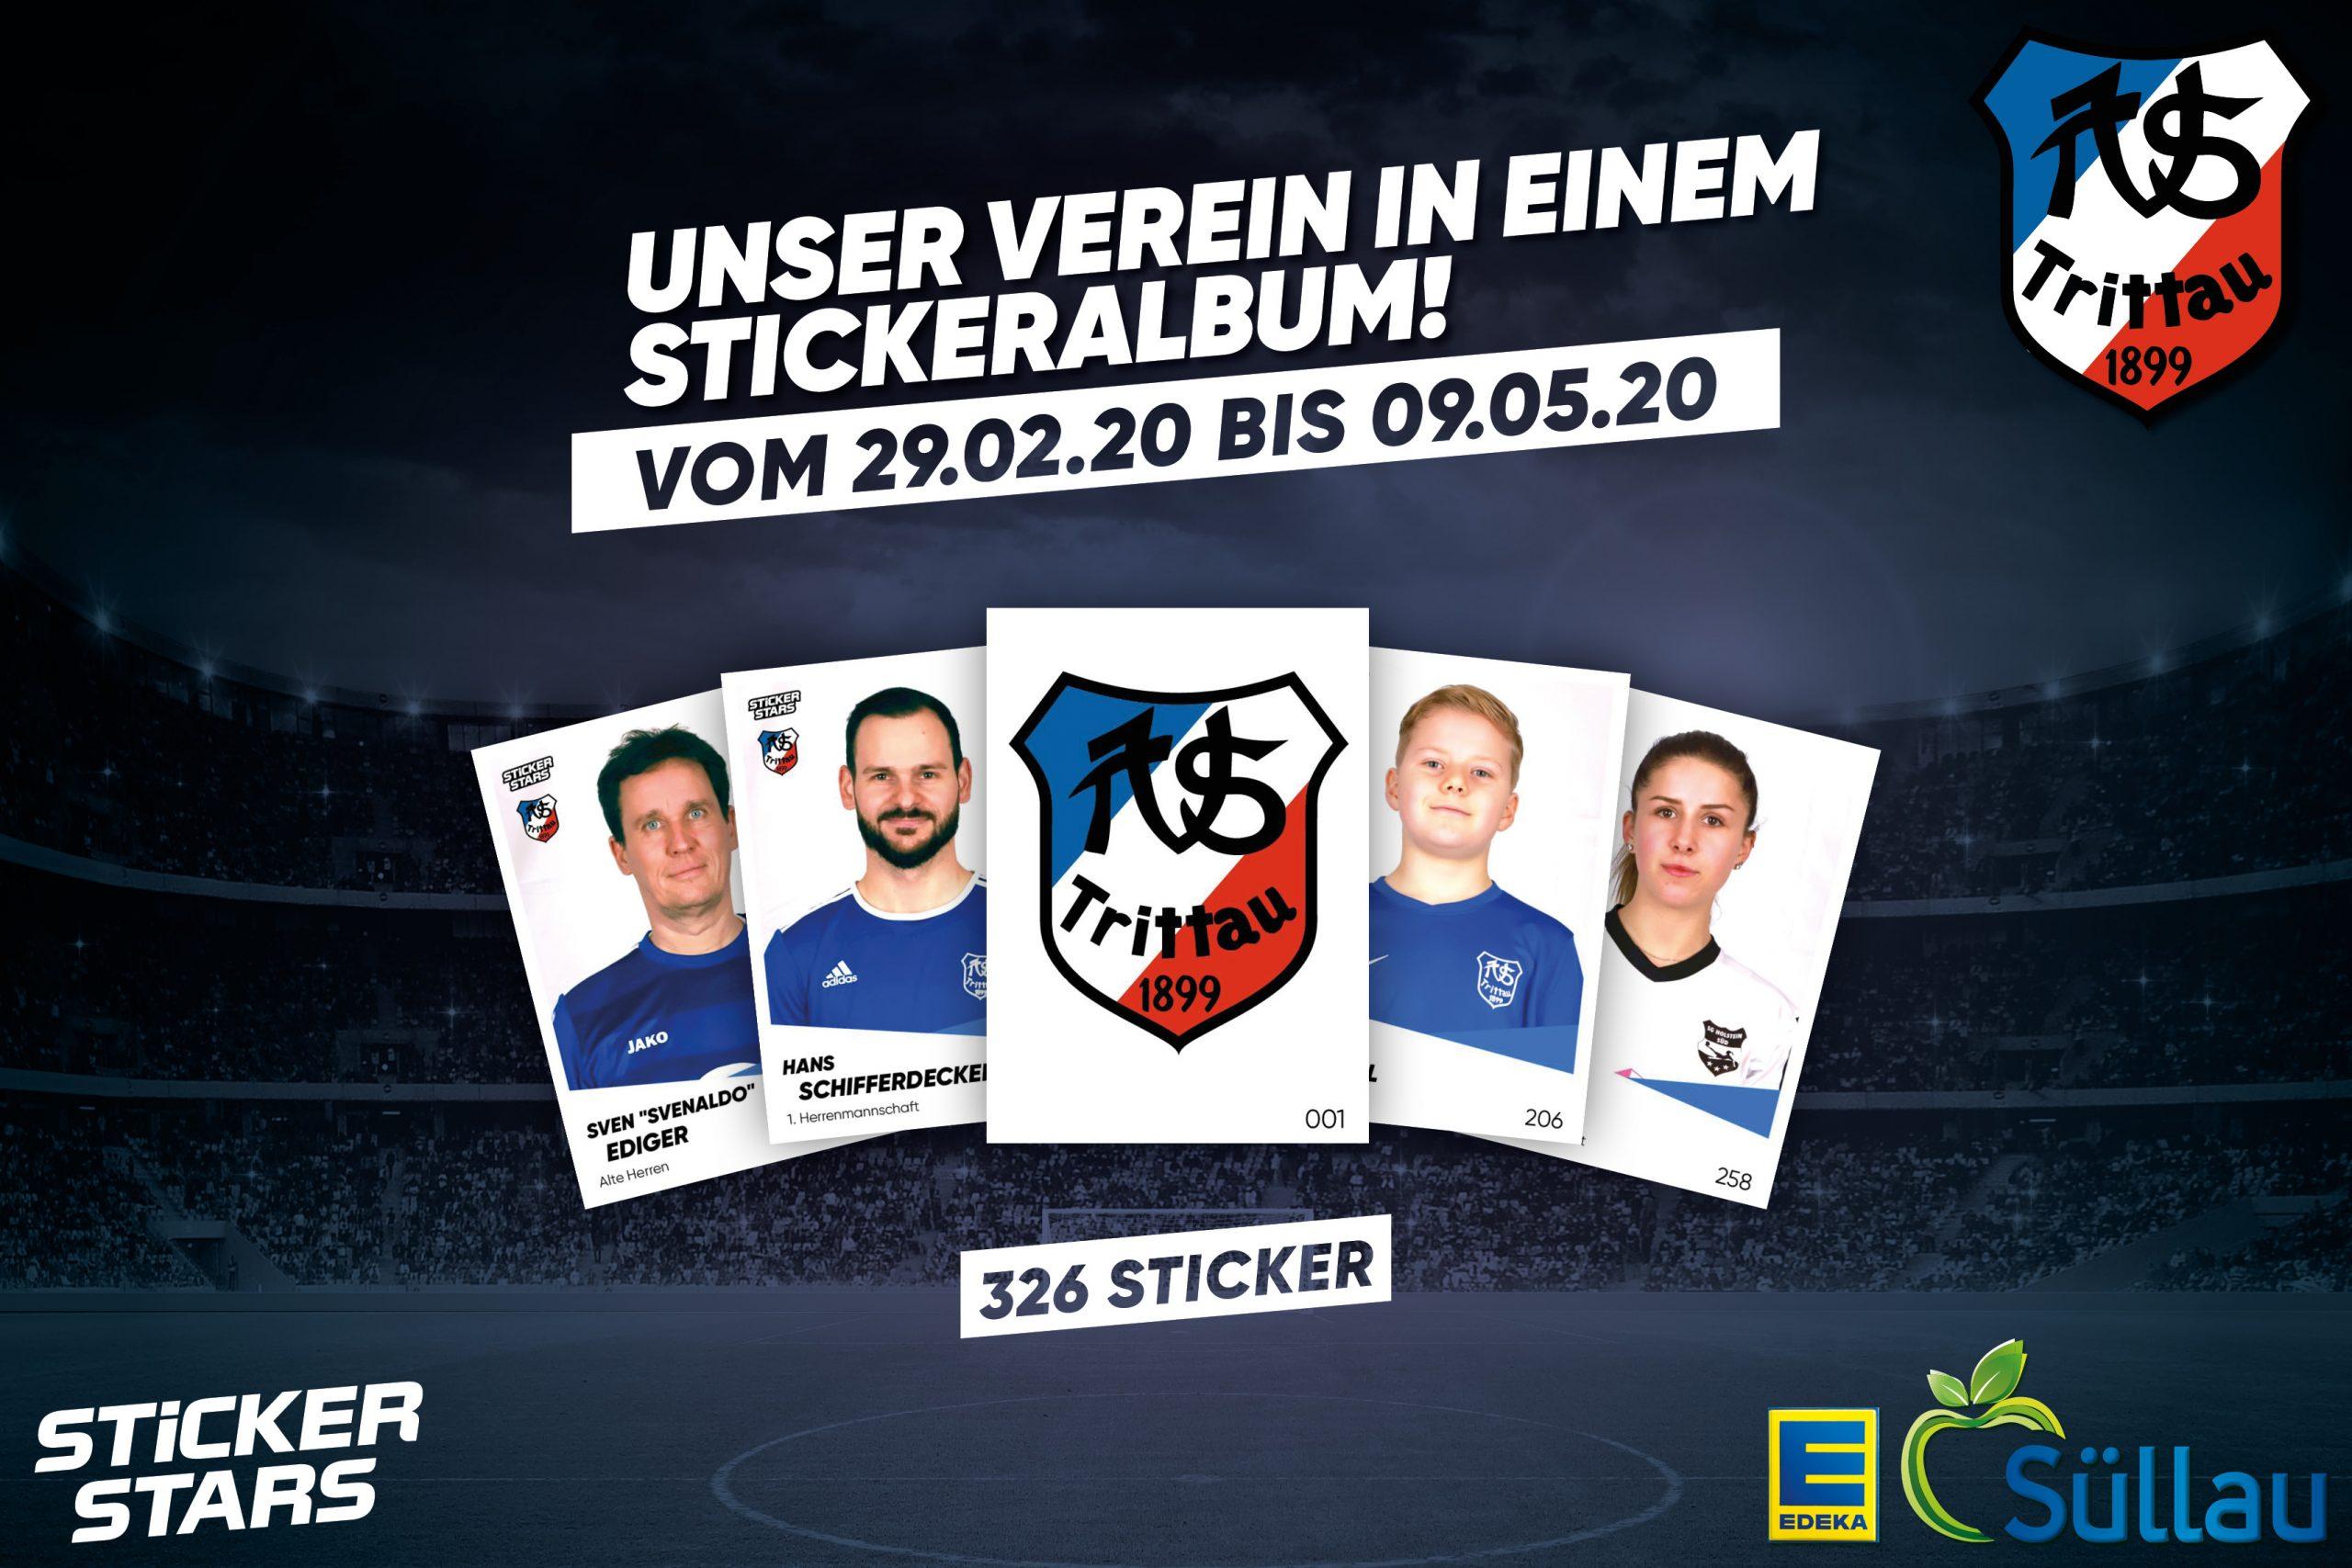 Sticker-Tauschbörse online